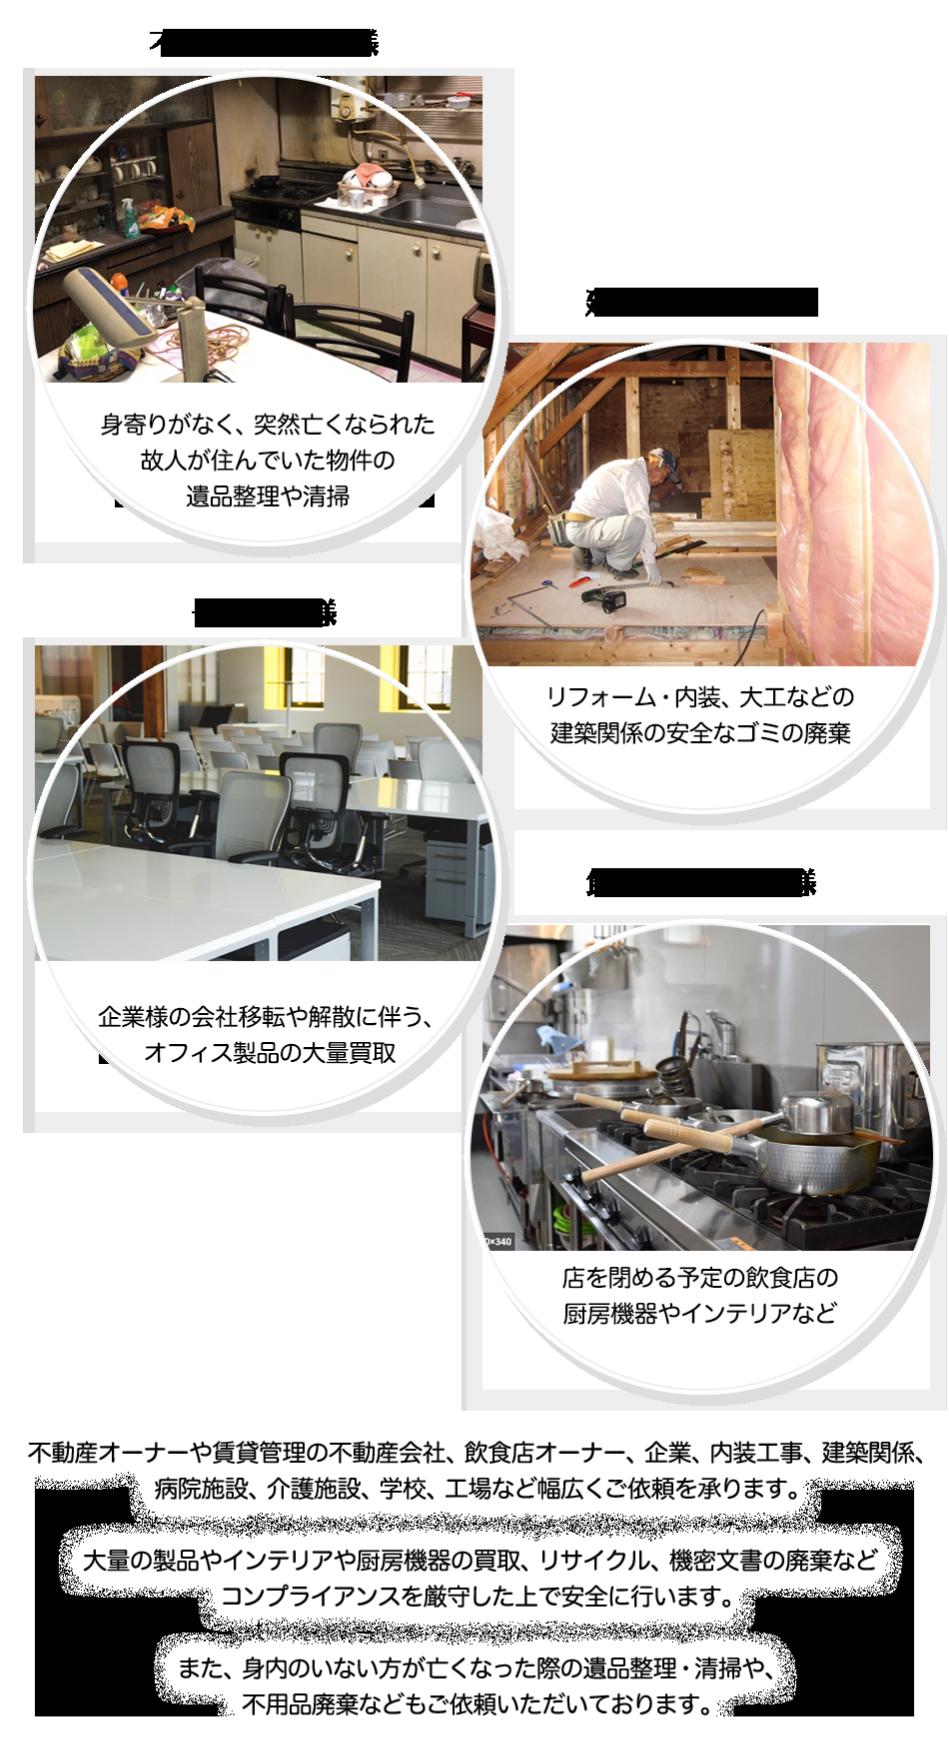 不動産オーナー様、建築関係の企業様、一般企業様、飲食店オーナー様 不動産オーナーや賃貸管理の不動産会社、飲食店オーナー、企業、内装工事、建築関係、病院施設、介護施設、学校、工場など幅広くご依頼を承ります。大量の製品やインテリアや厨房機器の買取、リサイクル、機密文書の廃棄などコンプライアンスを厳守した上で安全に行います。また、身内のいない方が亡くなった際の遺品整理・清掃や、不用品廃棄などもご依頼いただいております。